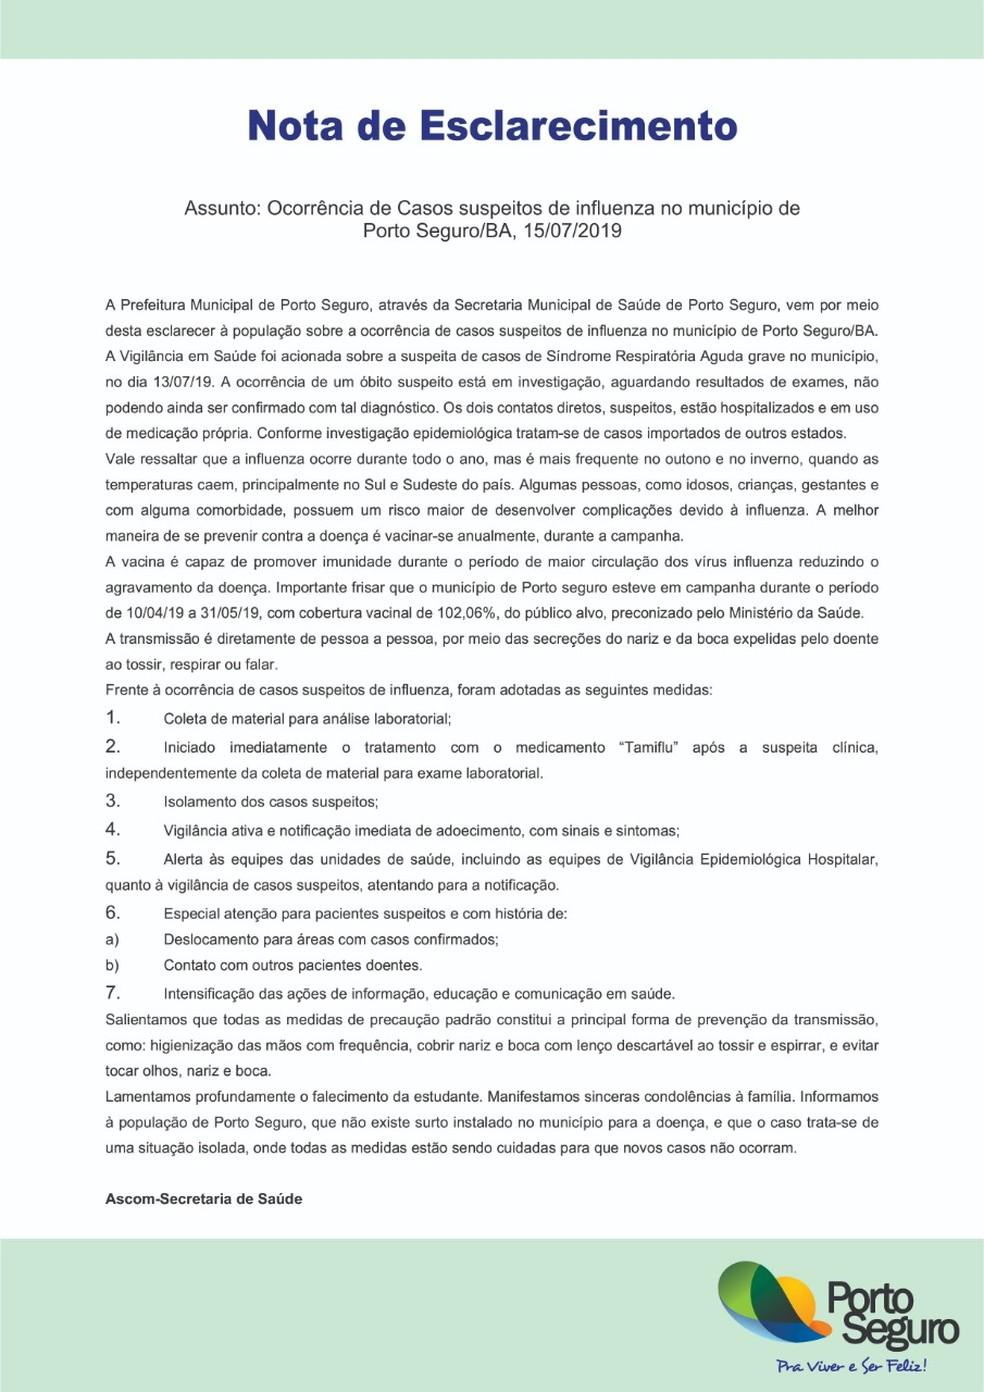 Secretaria de Saúde de Porto seguro divulgou nota sobre caso suspeito de H1N1 â?? Foto: Divulgação/Prefeitura de Porto Seguro